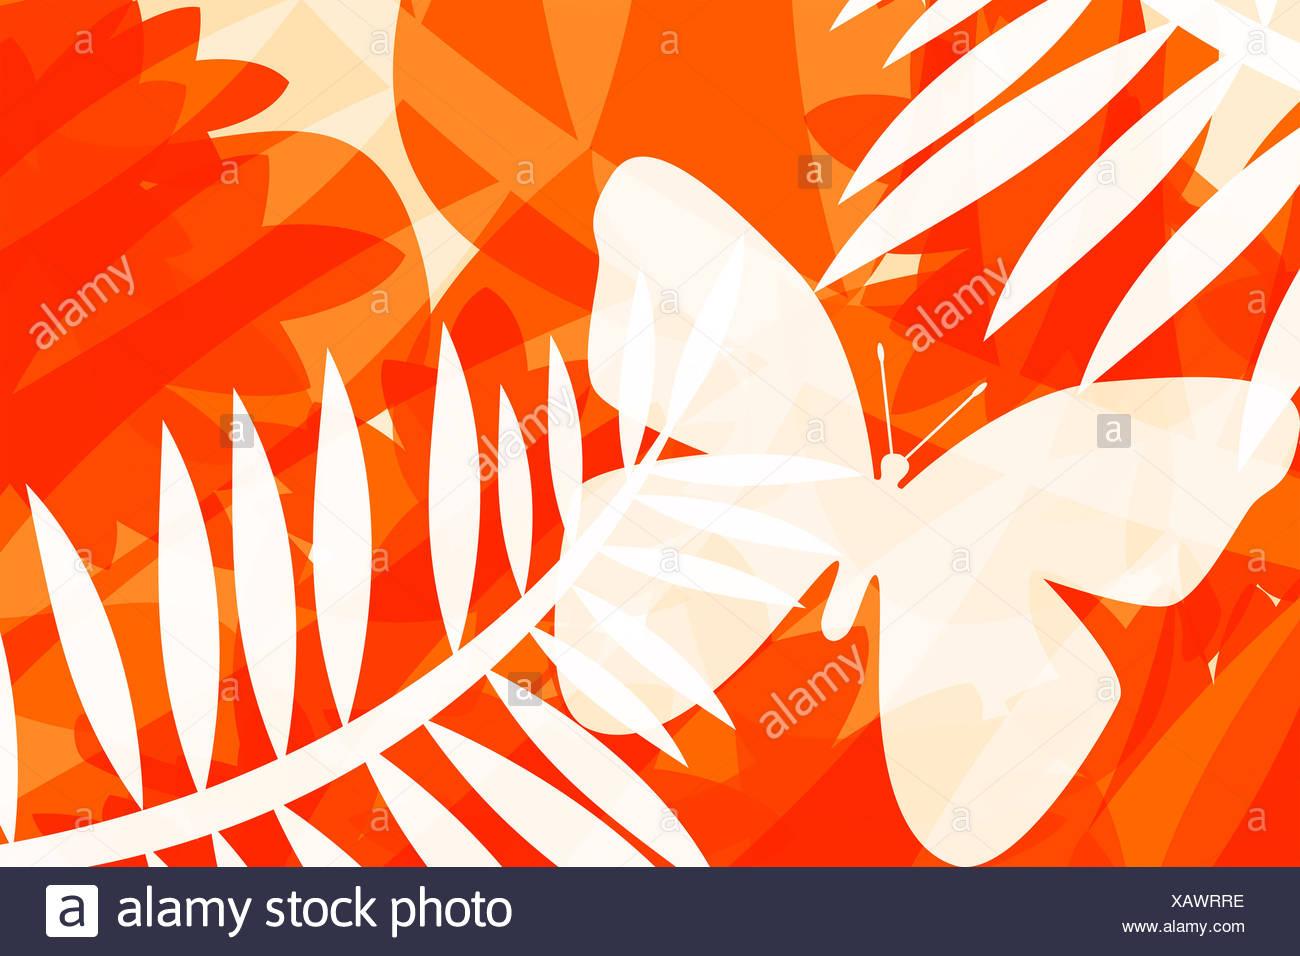 Abbildung der Schmetterlinge und Blätter Stockbild